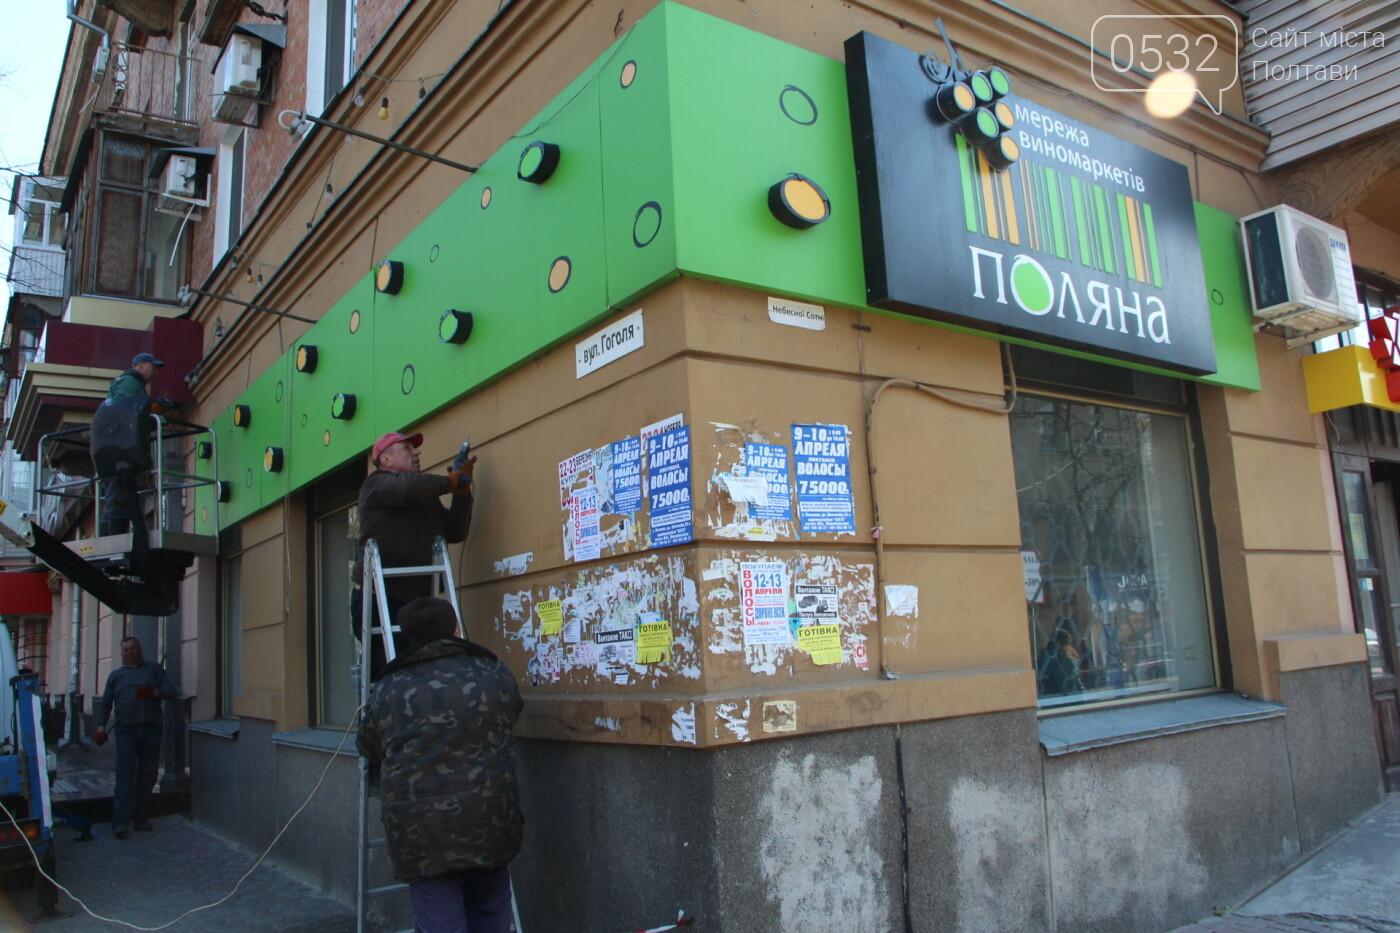 У Полтаві демонтували вивіску виномаркету «Поляна» (ФОТО, ВІДЕО), фото-3